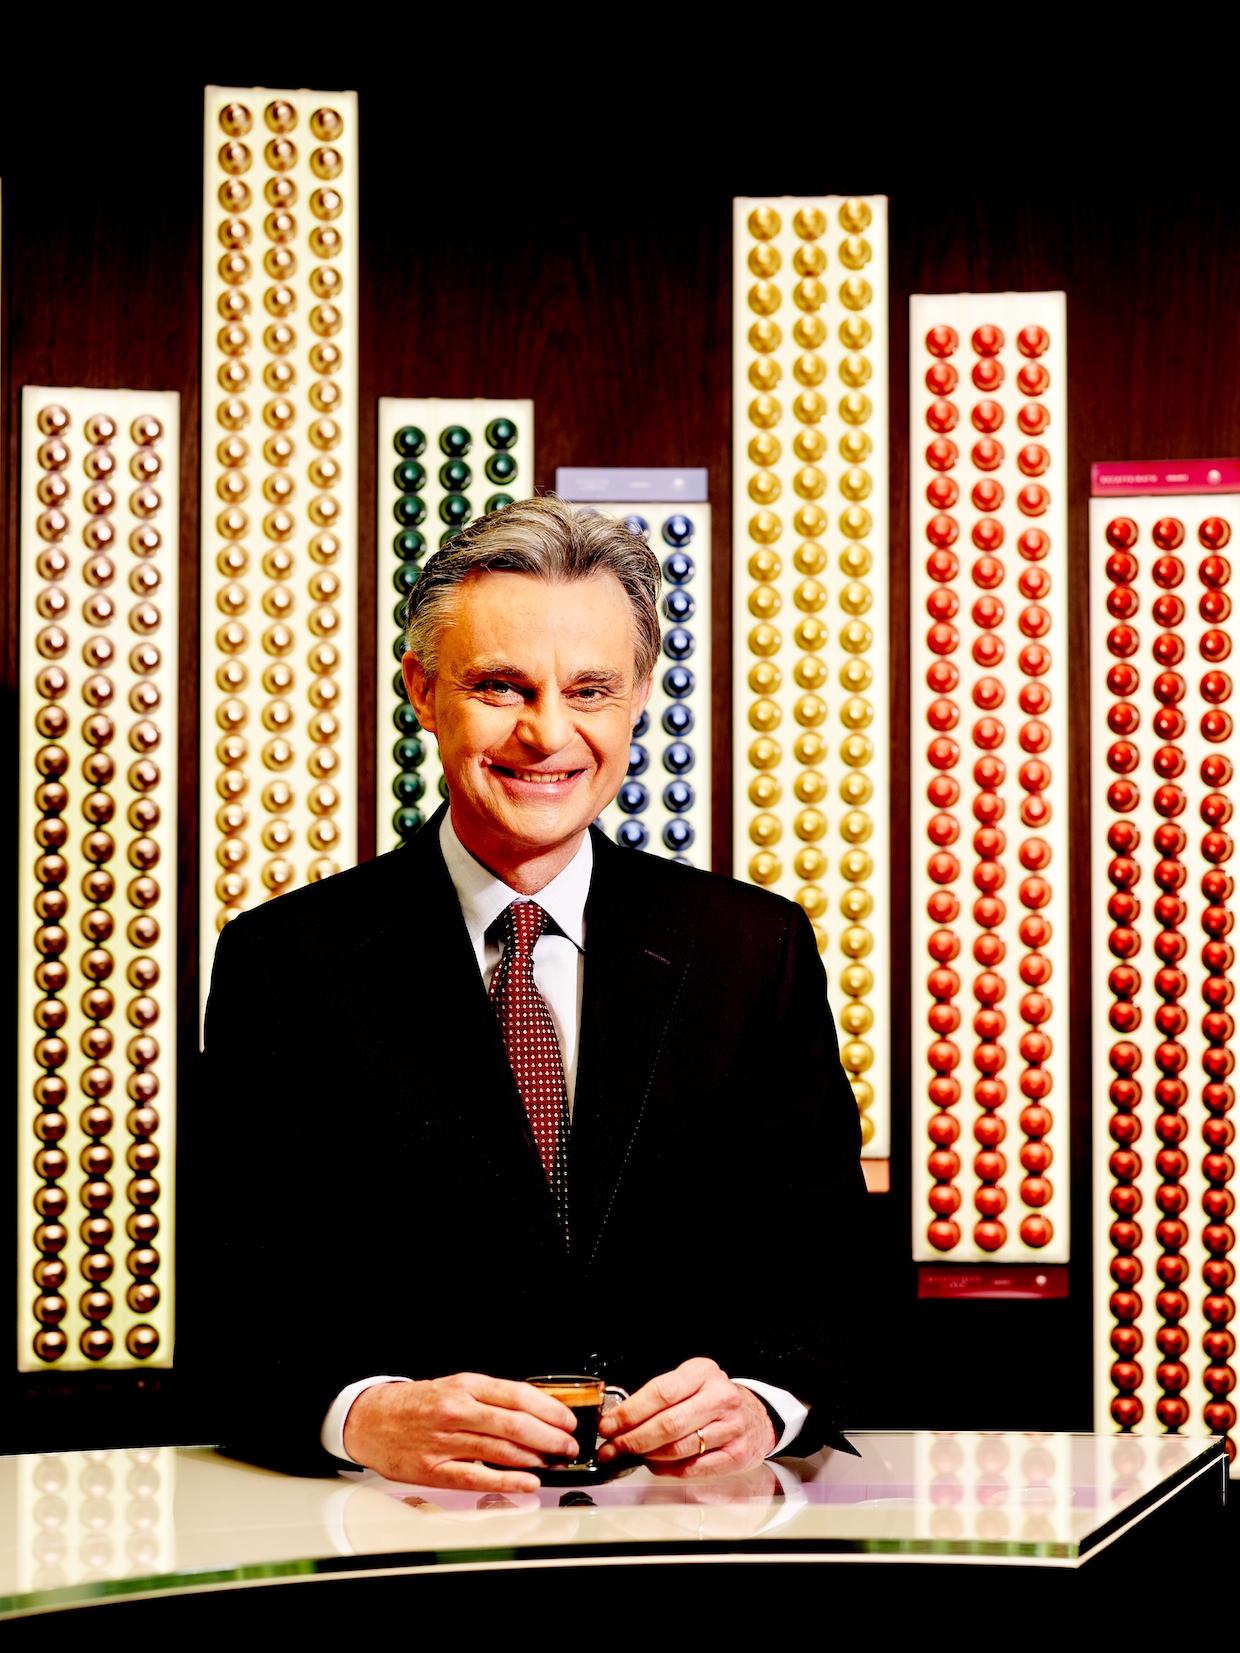 Nespresso CEO Jean Marc Duvoisin